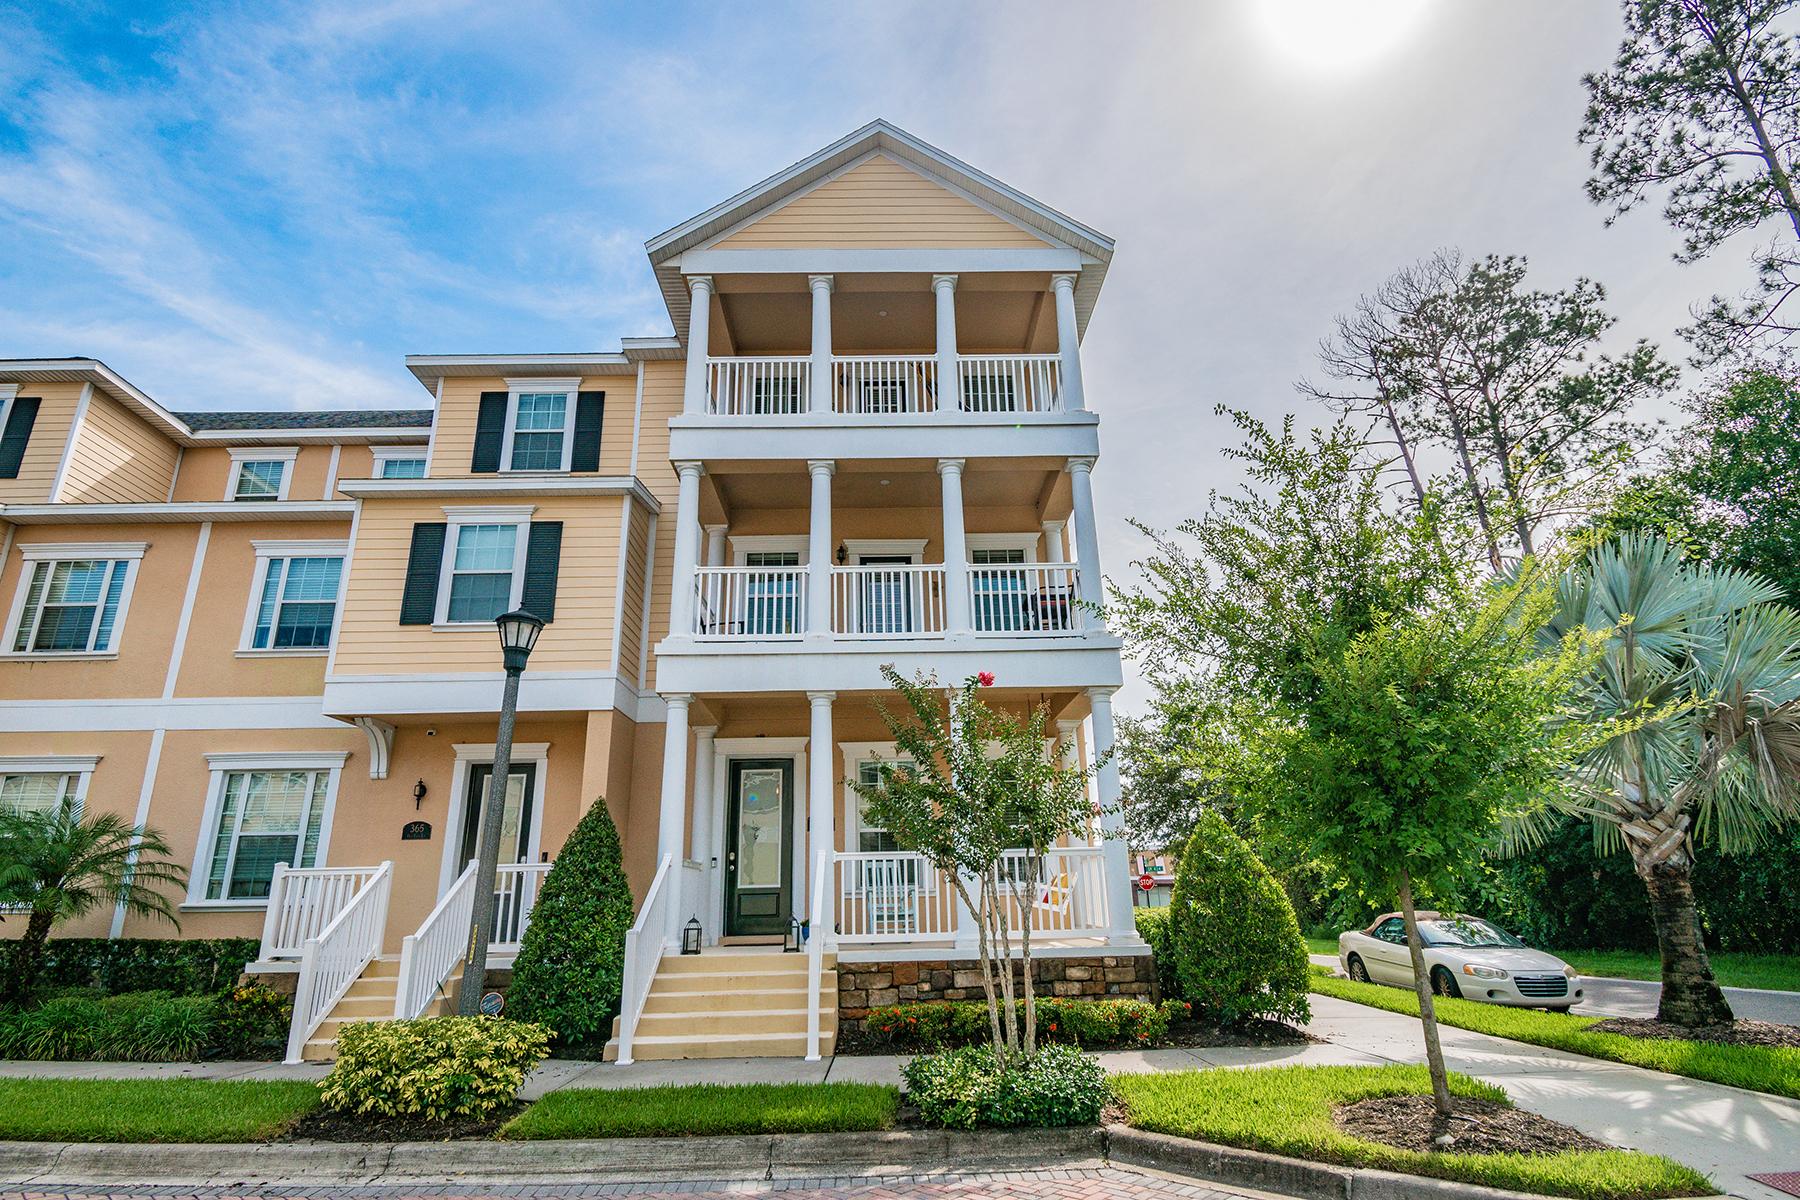 Single Family Homes für Verkauf beim WINTER SPRINGS 361 Old Farm Ln, Winter Springs, Florida 32708 Vereinigte Staaten